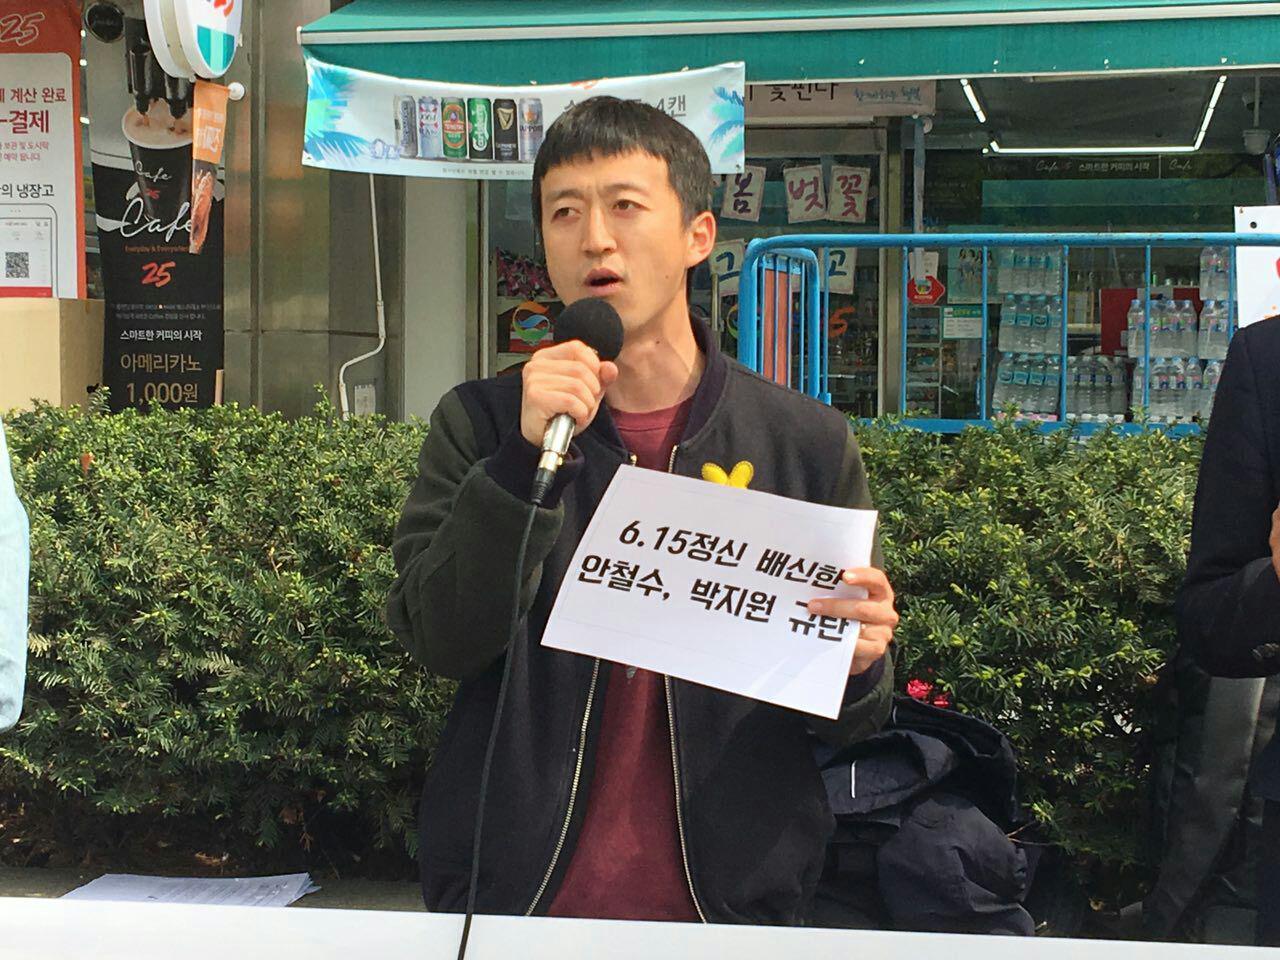 규탄발언 중인 김수근 청년당 공동준비위원장